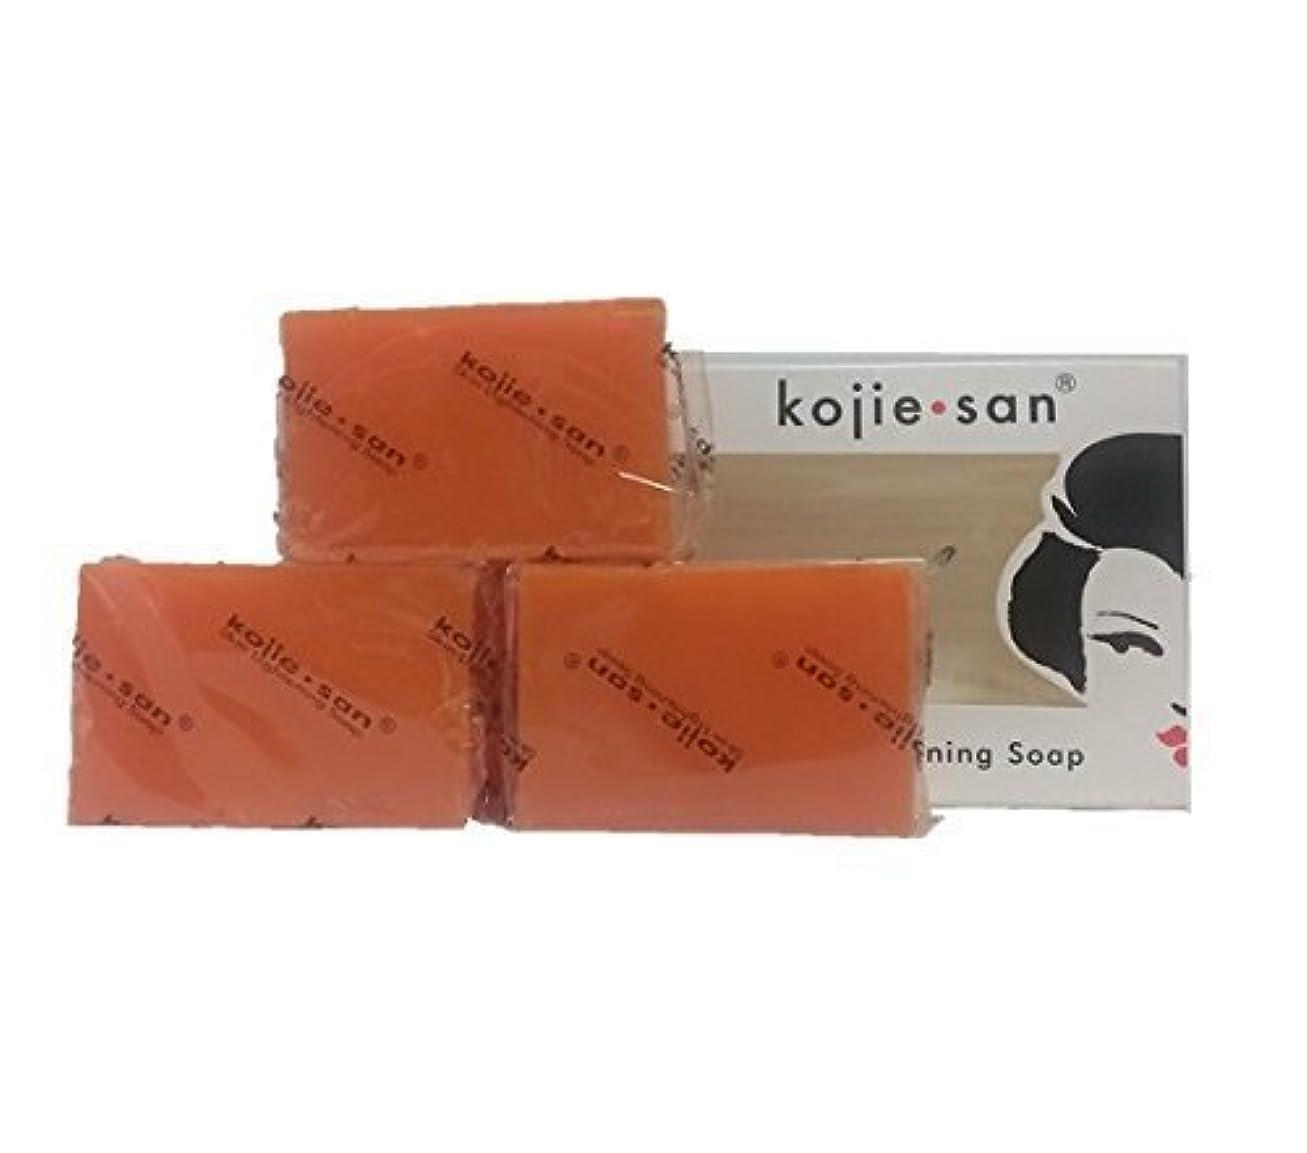 暖かさ即席外国人Kojie san Skin Lightning Soap 3 pcs こじえさんスキンライトニングソープ3個パック [並行輸入品]